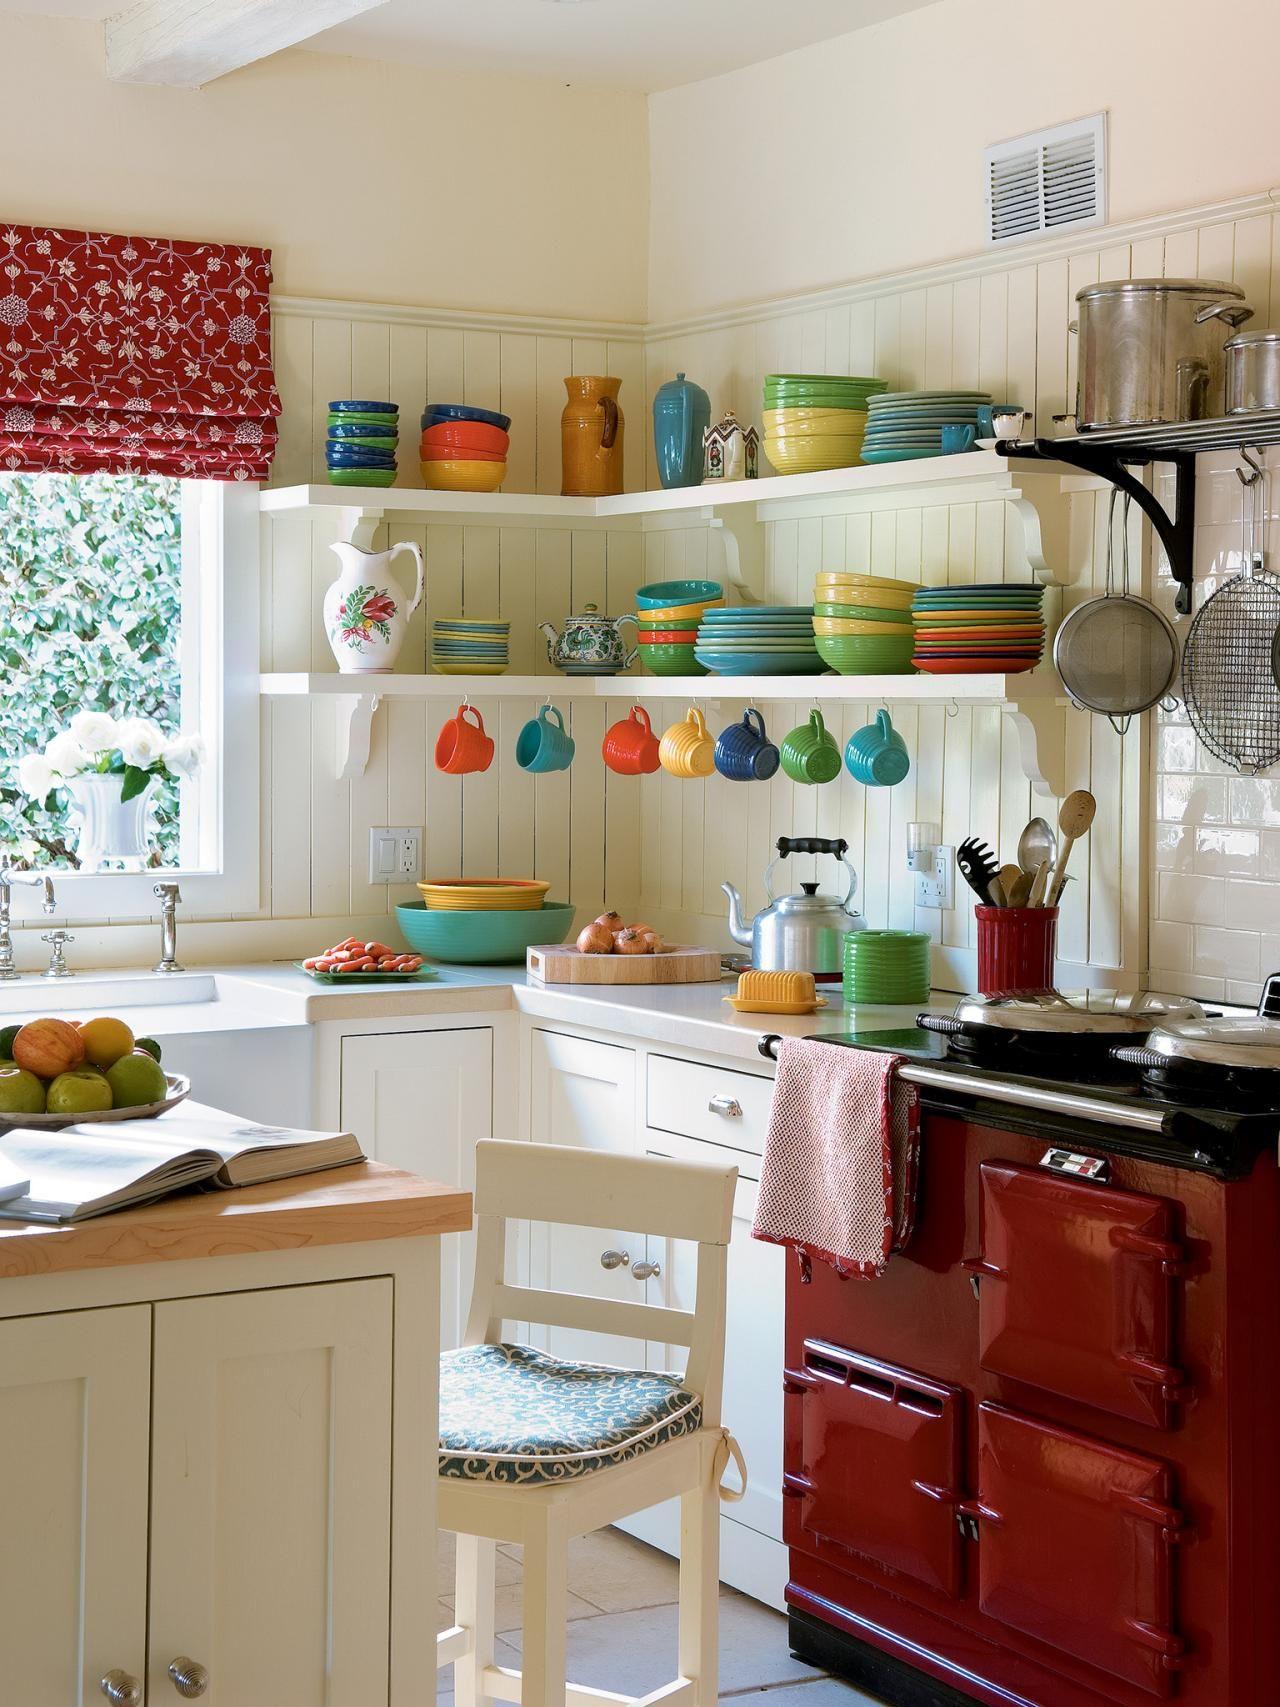 Cómo tener una cocina pequeña y bonita | Pinterest | Cocina pequeña ...